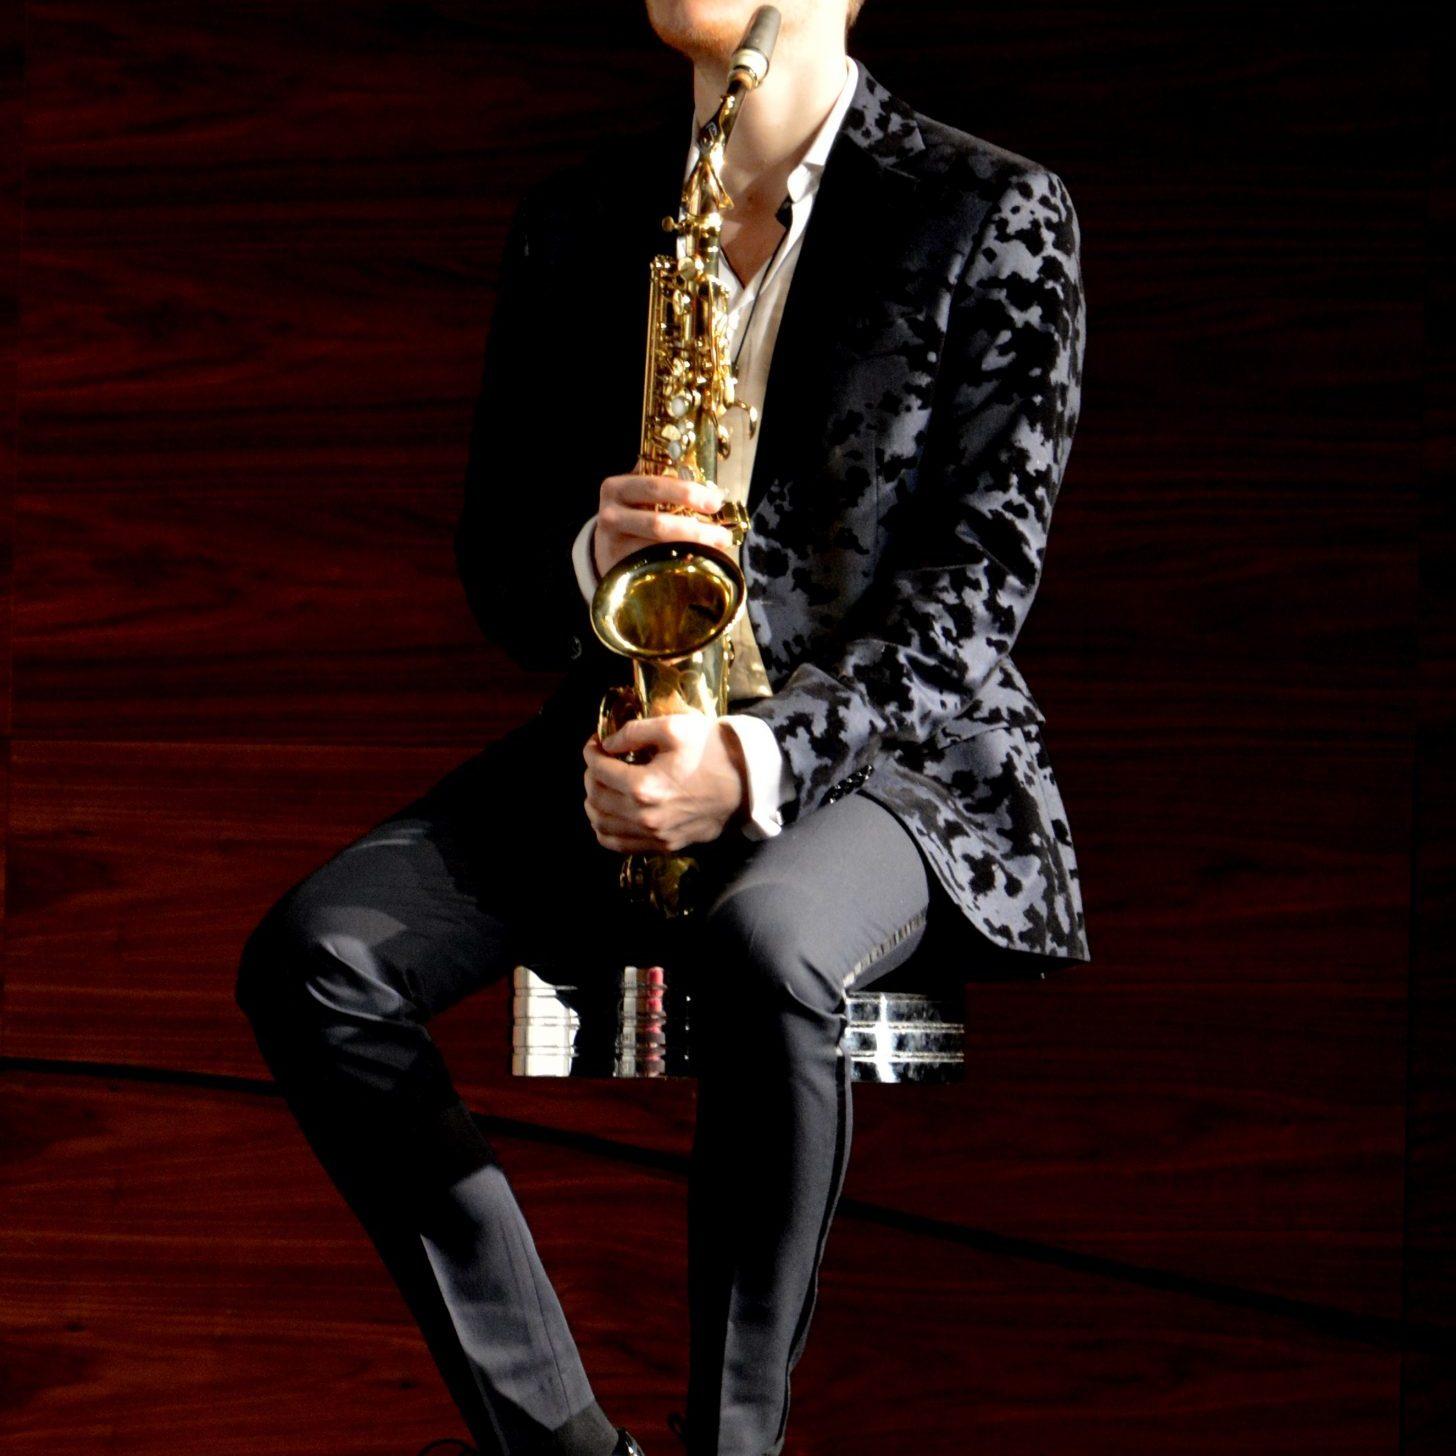 Mężczyzna siedzi na krześle i trzyma saksofon